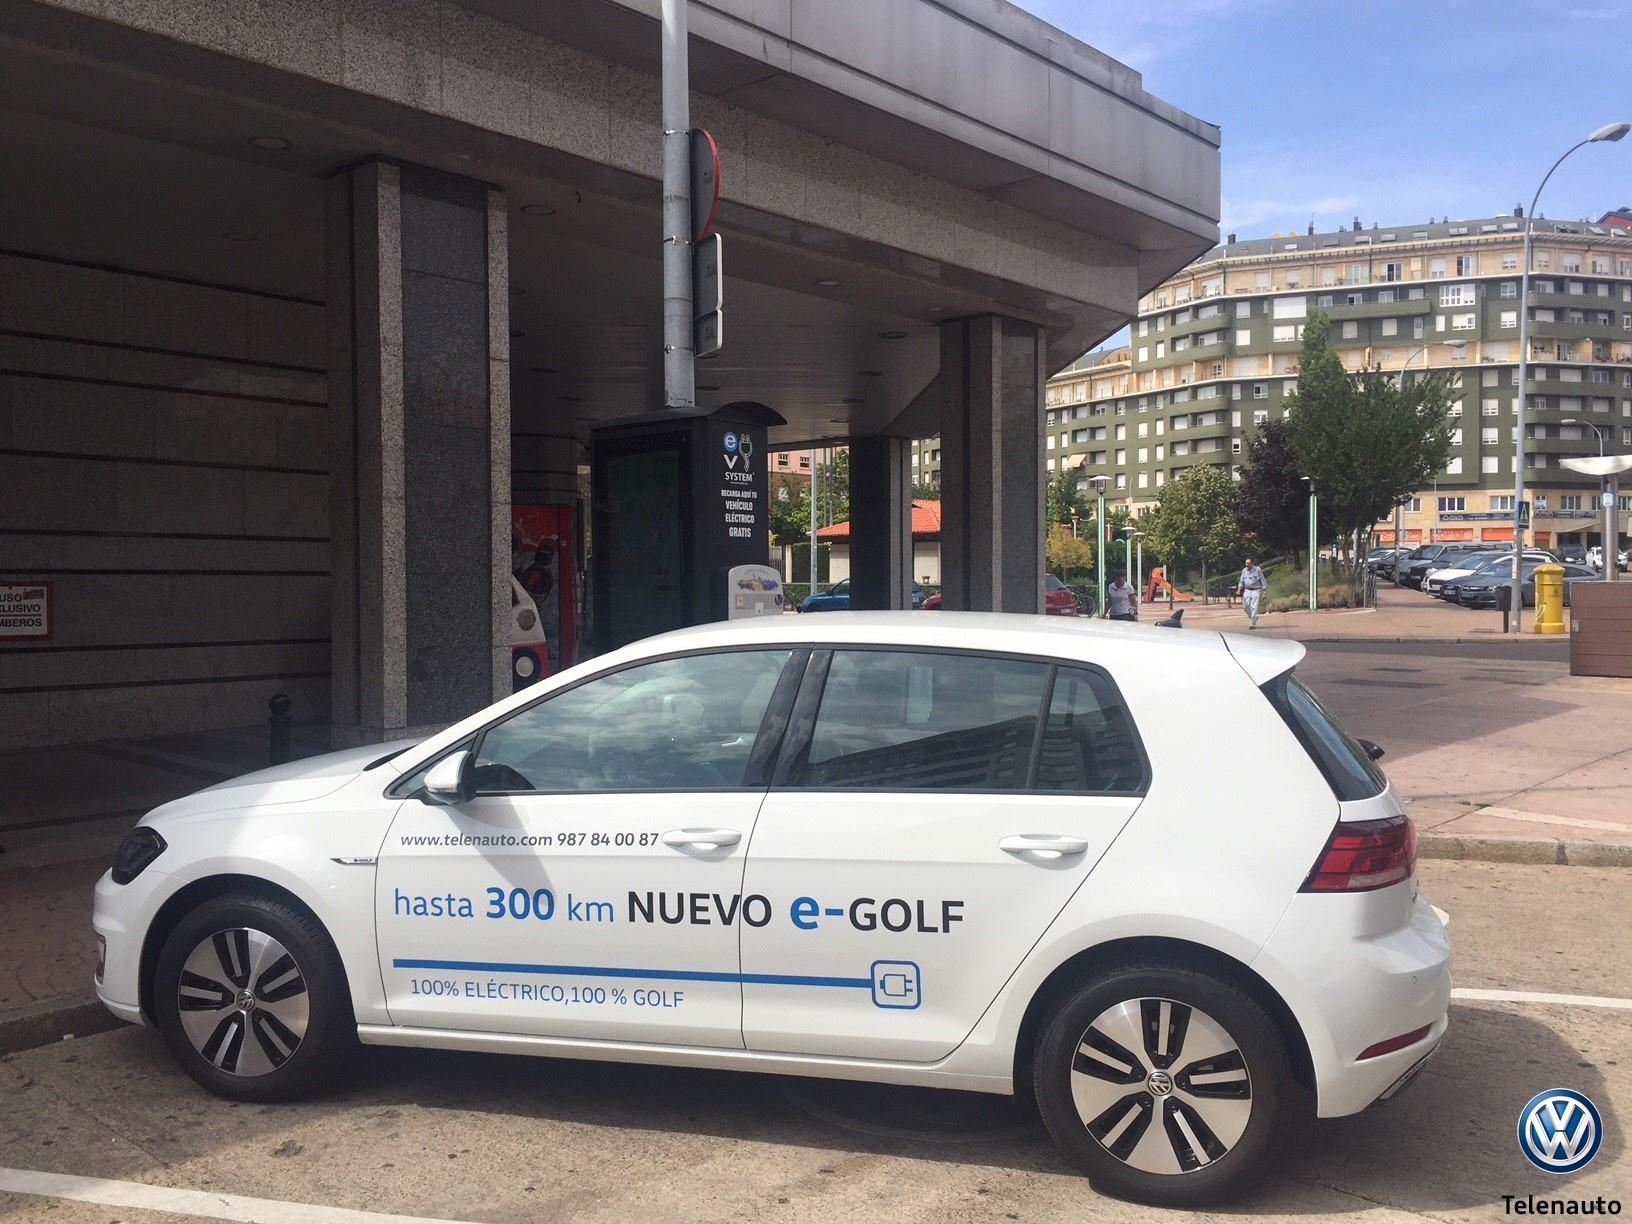 León está preparada para ser una ciudad sostenible